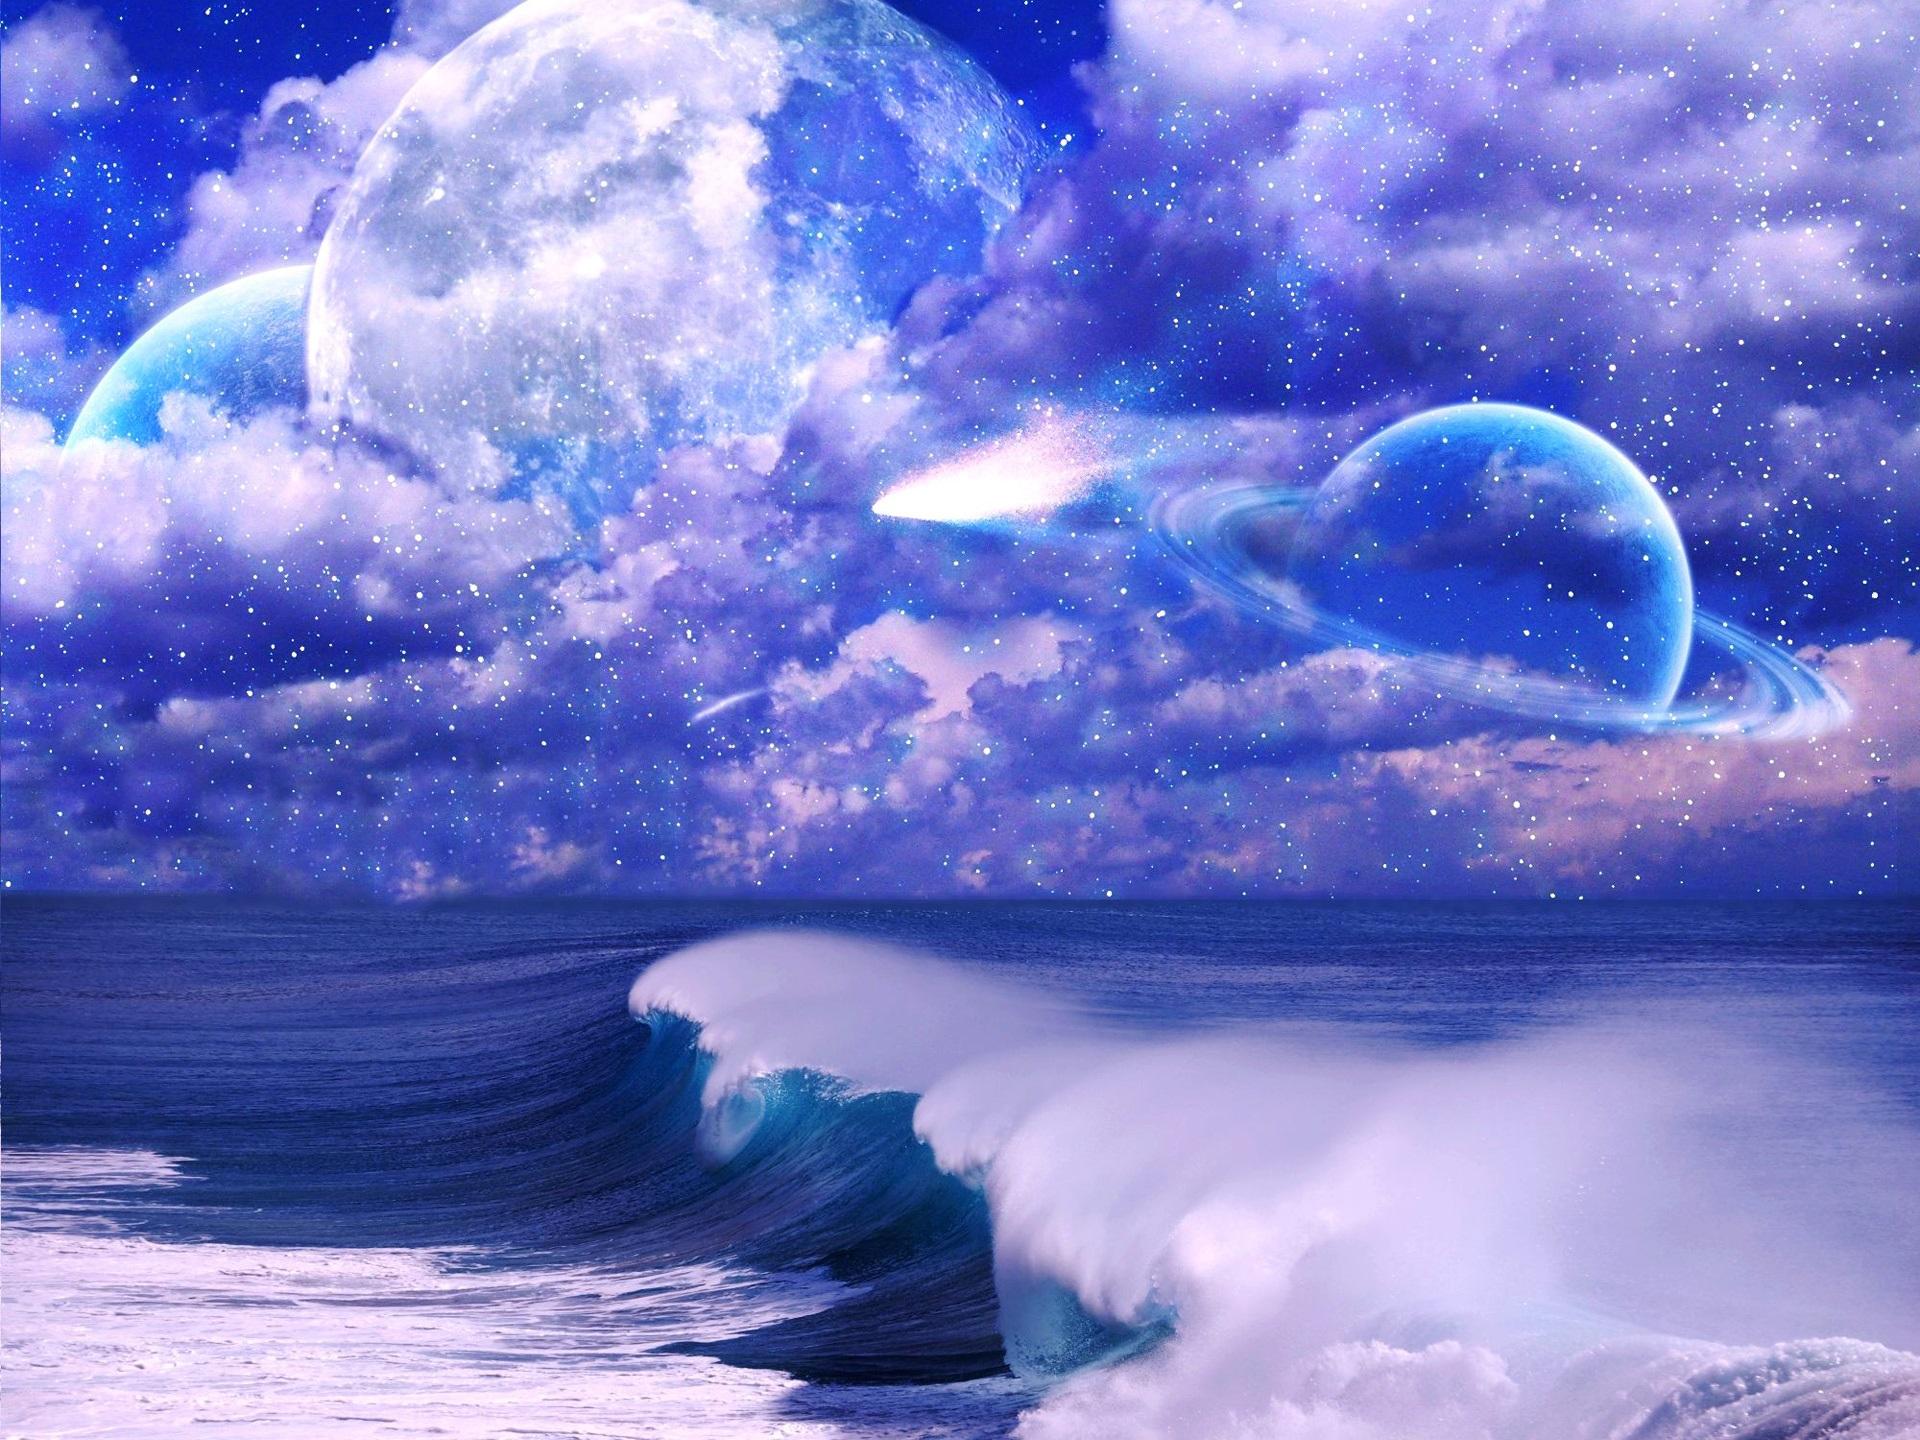 壁紙 アート写真 宇宙 空 雲 星 惑星 海 波 19x1440 Hd 無料のデスクトップの背景 画像